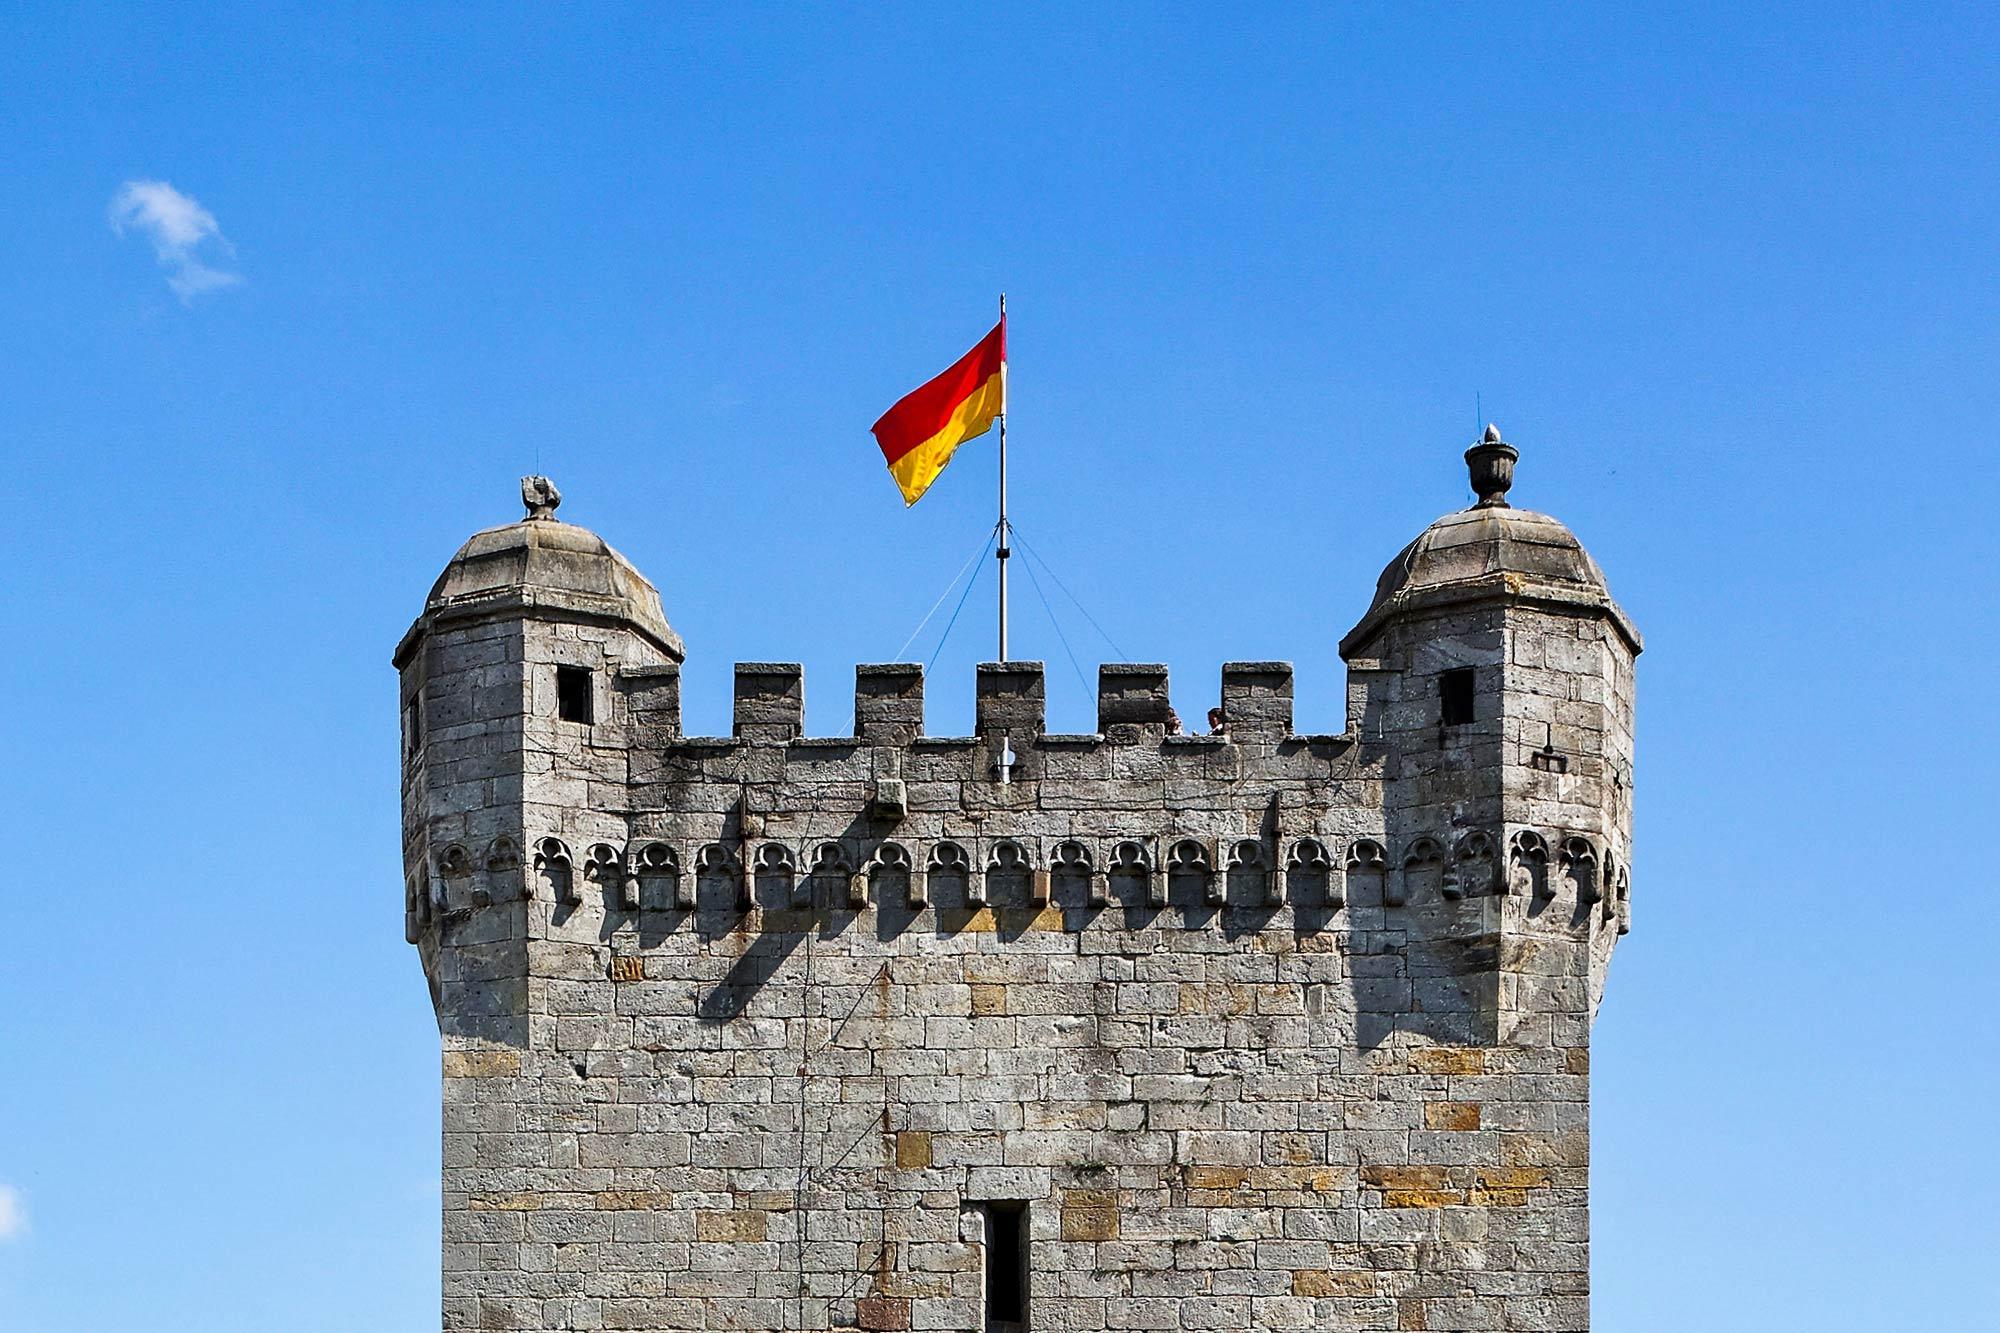 Die Spitze des Pulverturms von Burg Bentheim ©Andreas Richter